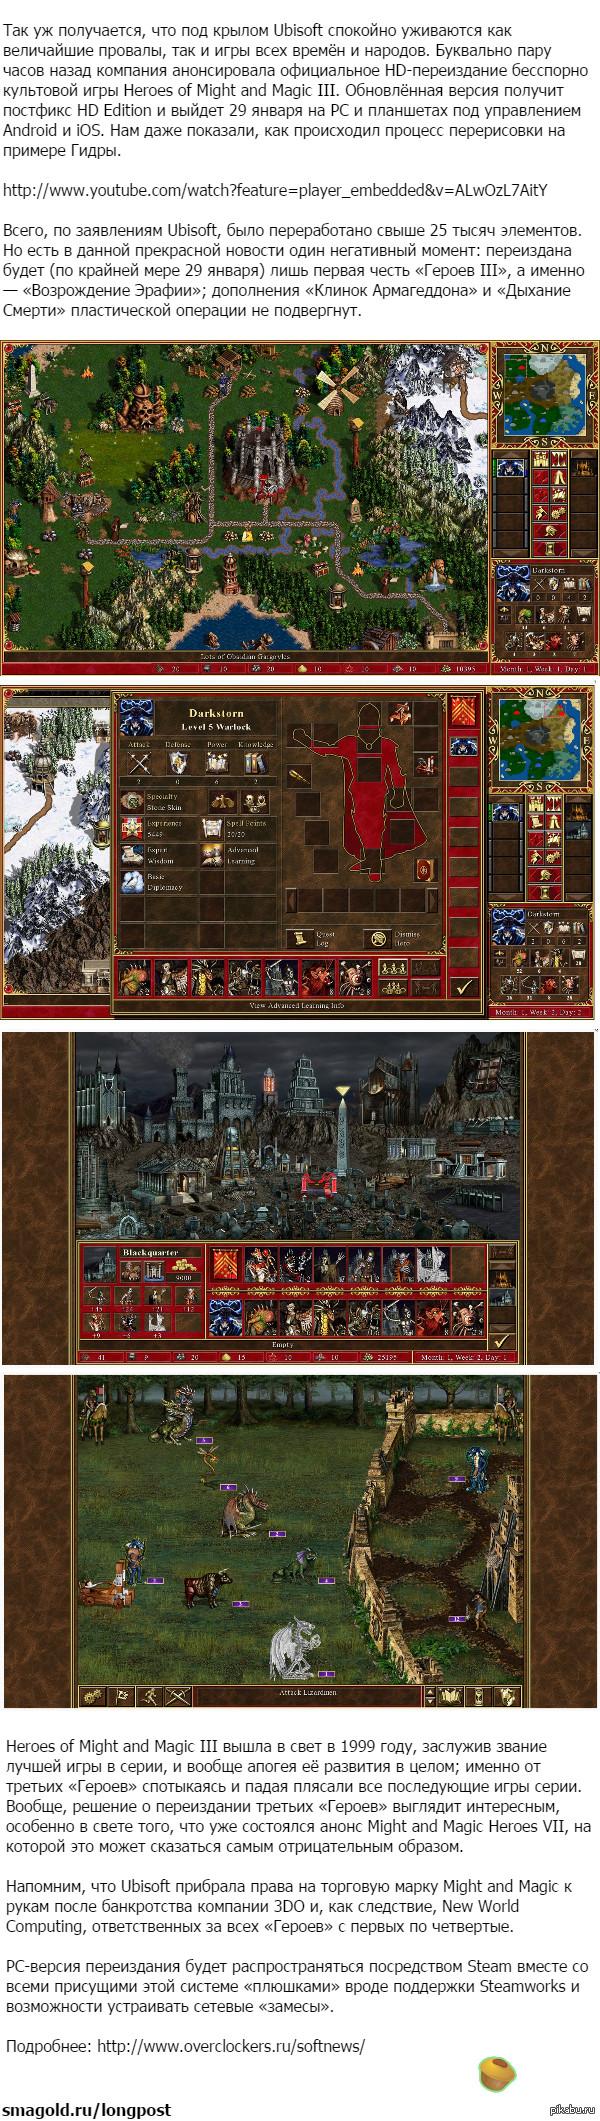 Официальное HD-переиздание Heroes of Might and Magic III (продолжая тему любимых игр) выйдет на PC, Android-планшетах и iPad в конце января. (ссылки внутри)